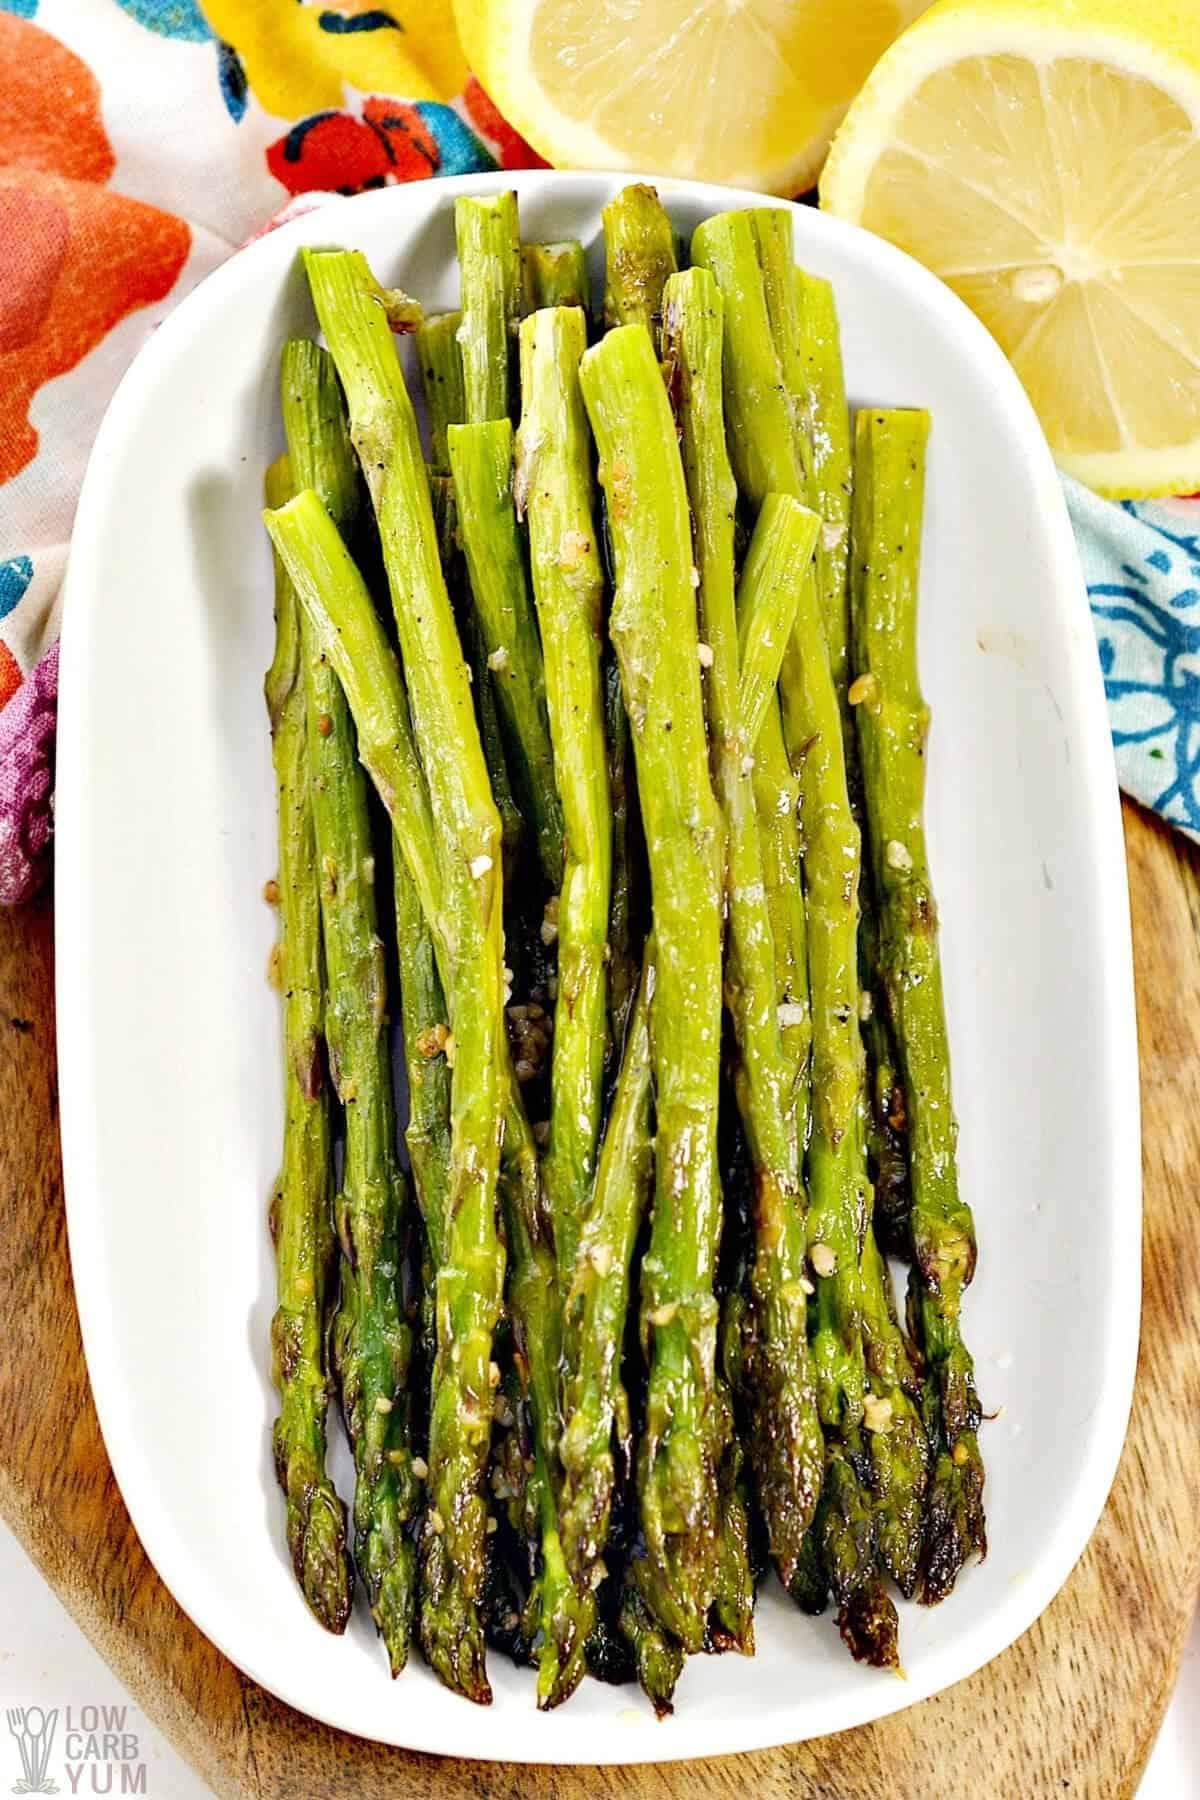 oven roasted asparagus spears on platter